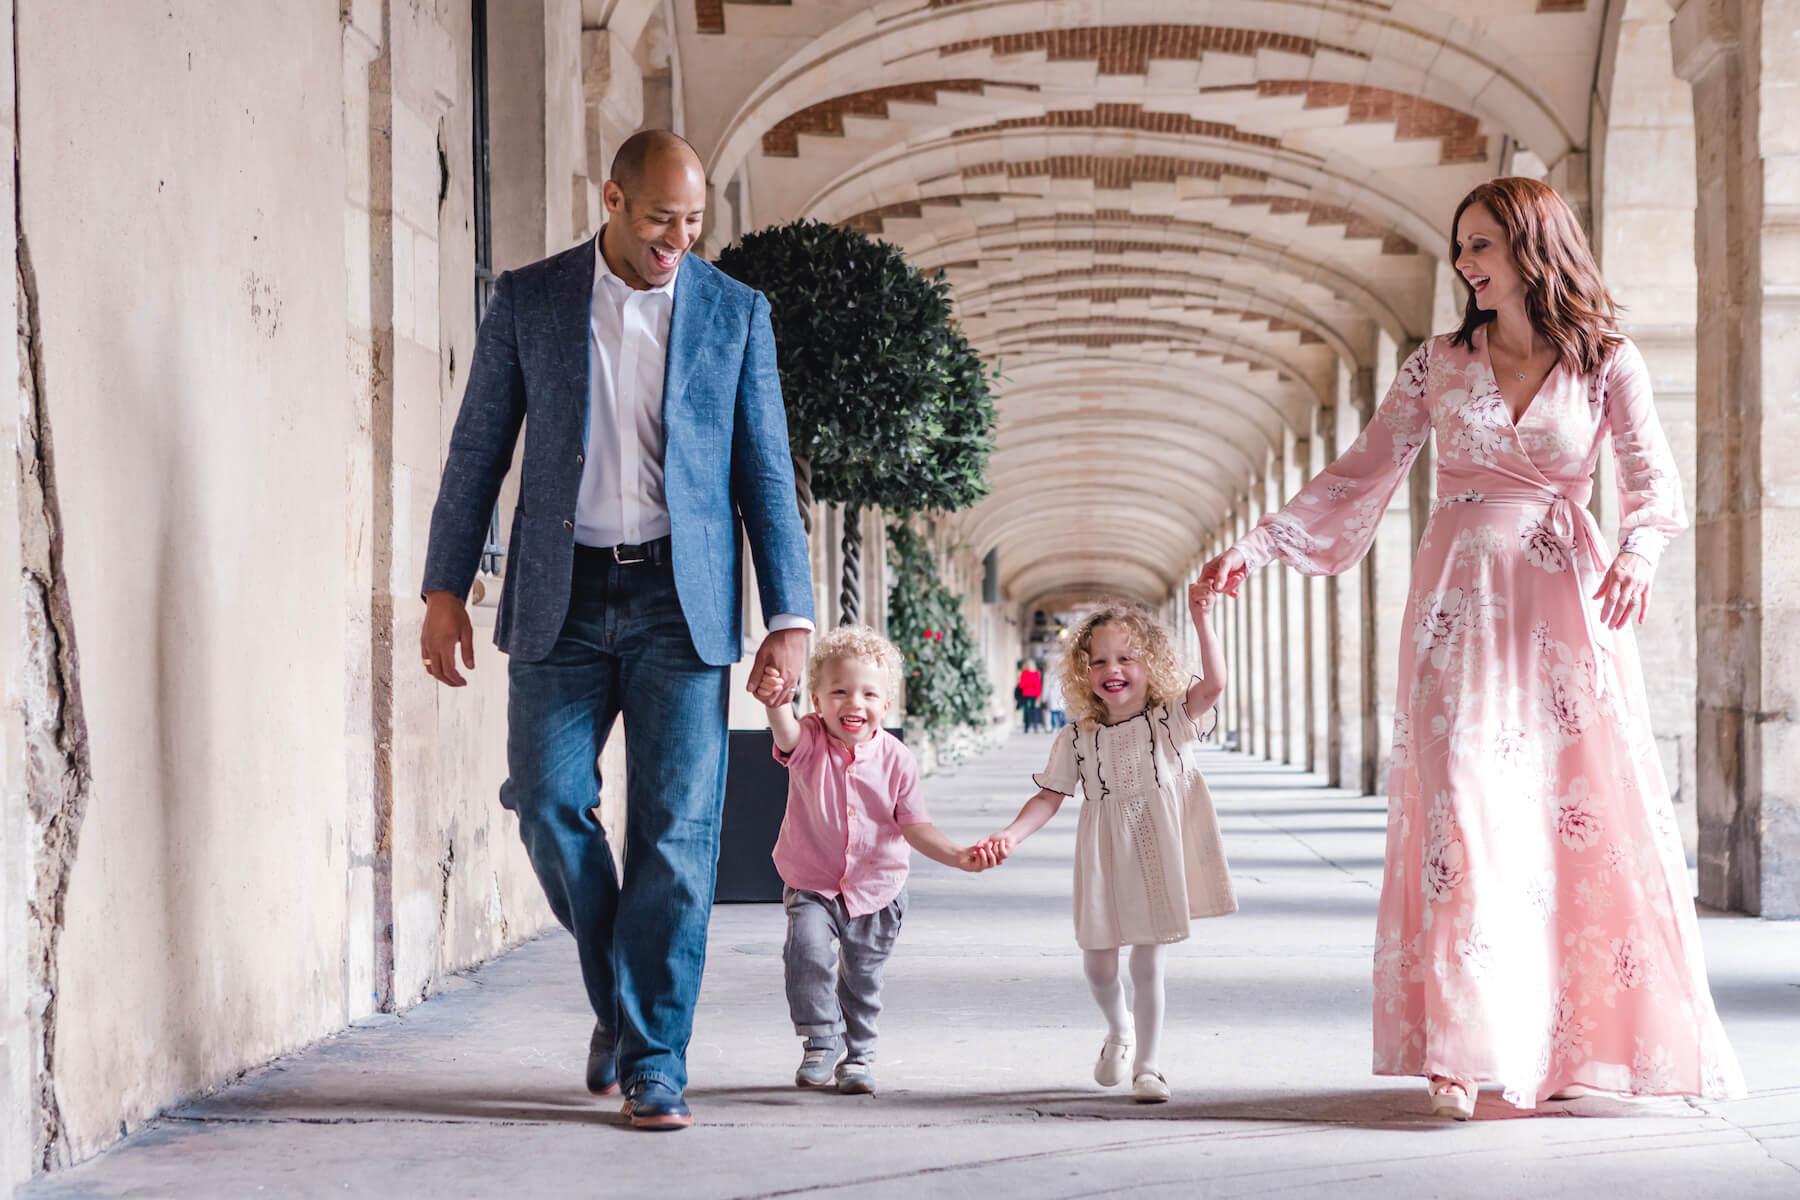 paris-06-06-2019-family-trip-60_original